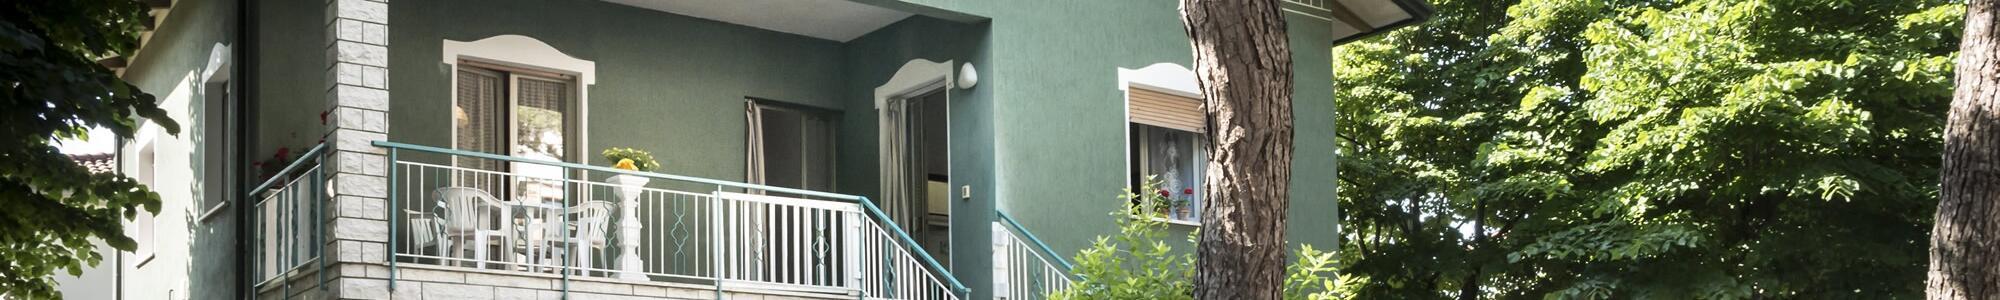 Offerta vacanze 2020 in appartamento a Cervia con veranda e posto auto